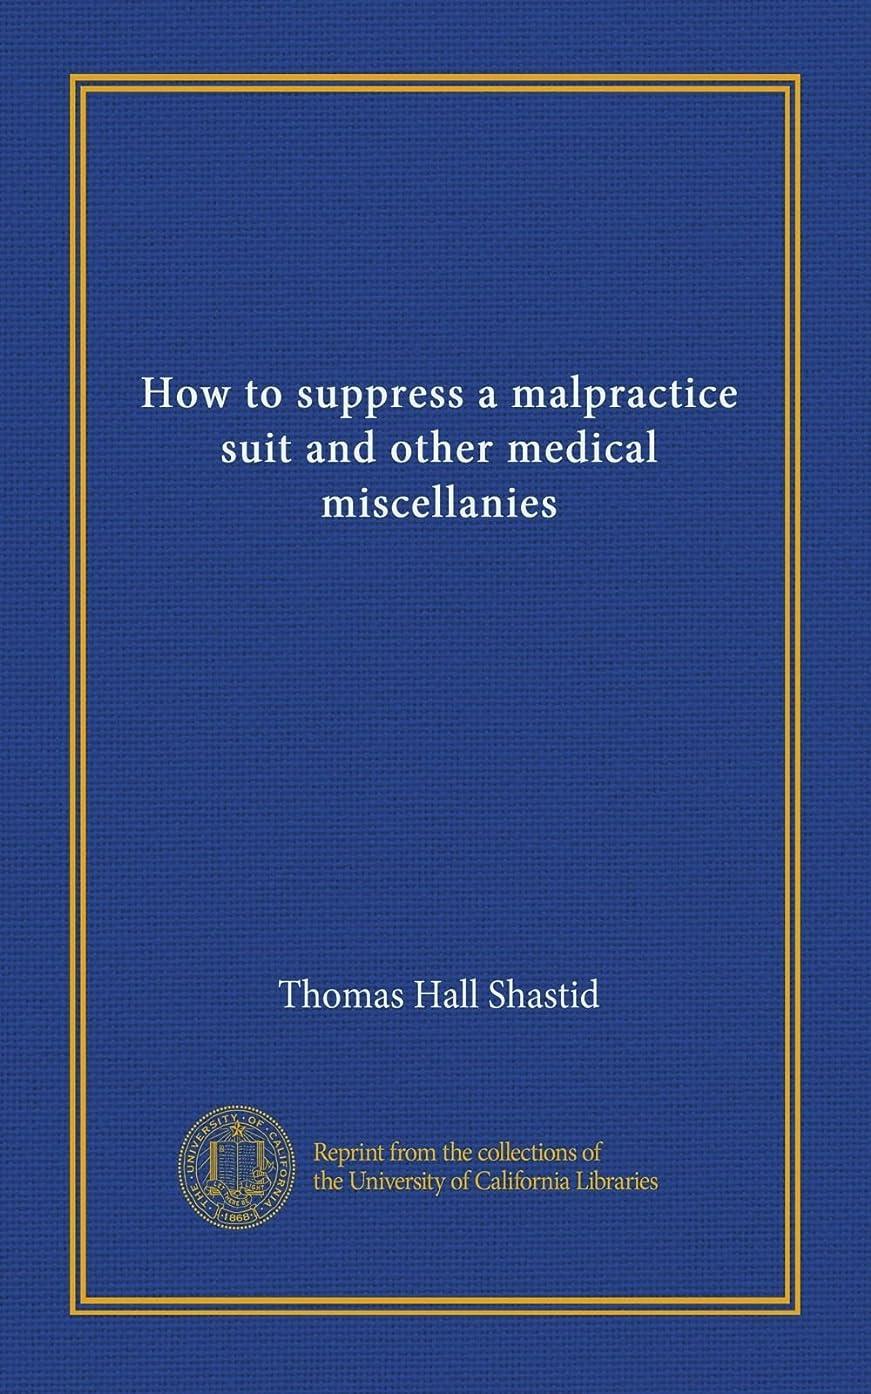 転倒立場減らすHow to suppress a malpractice suit and other medical miscellanies